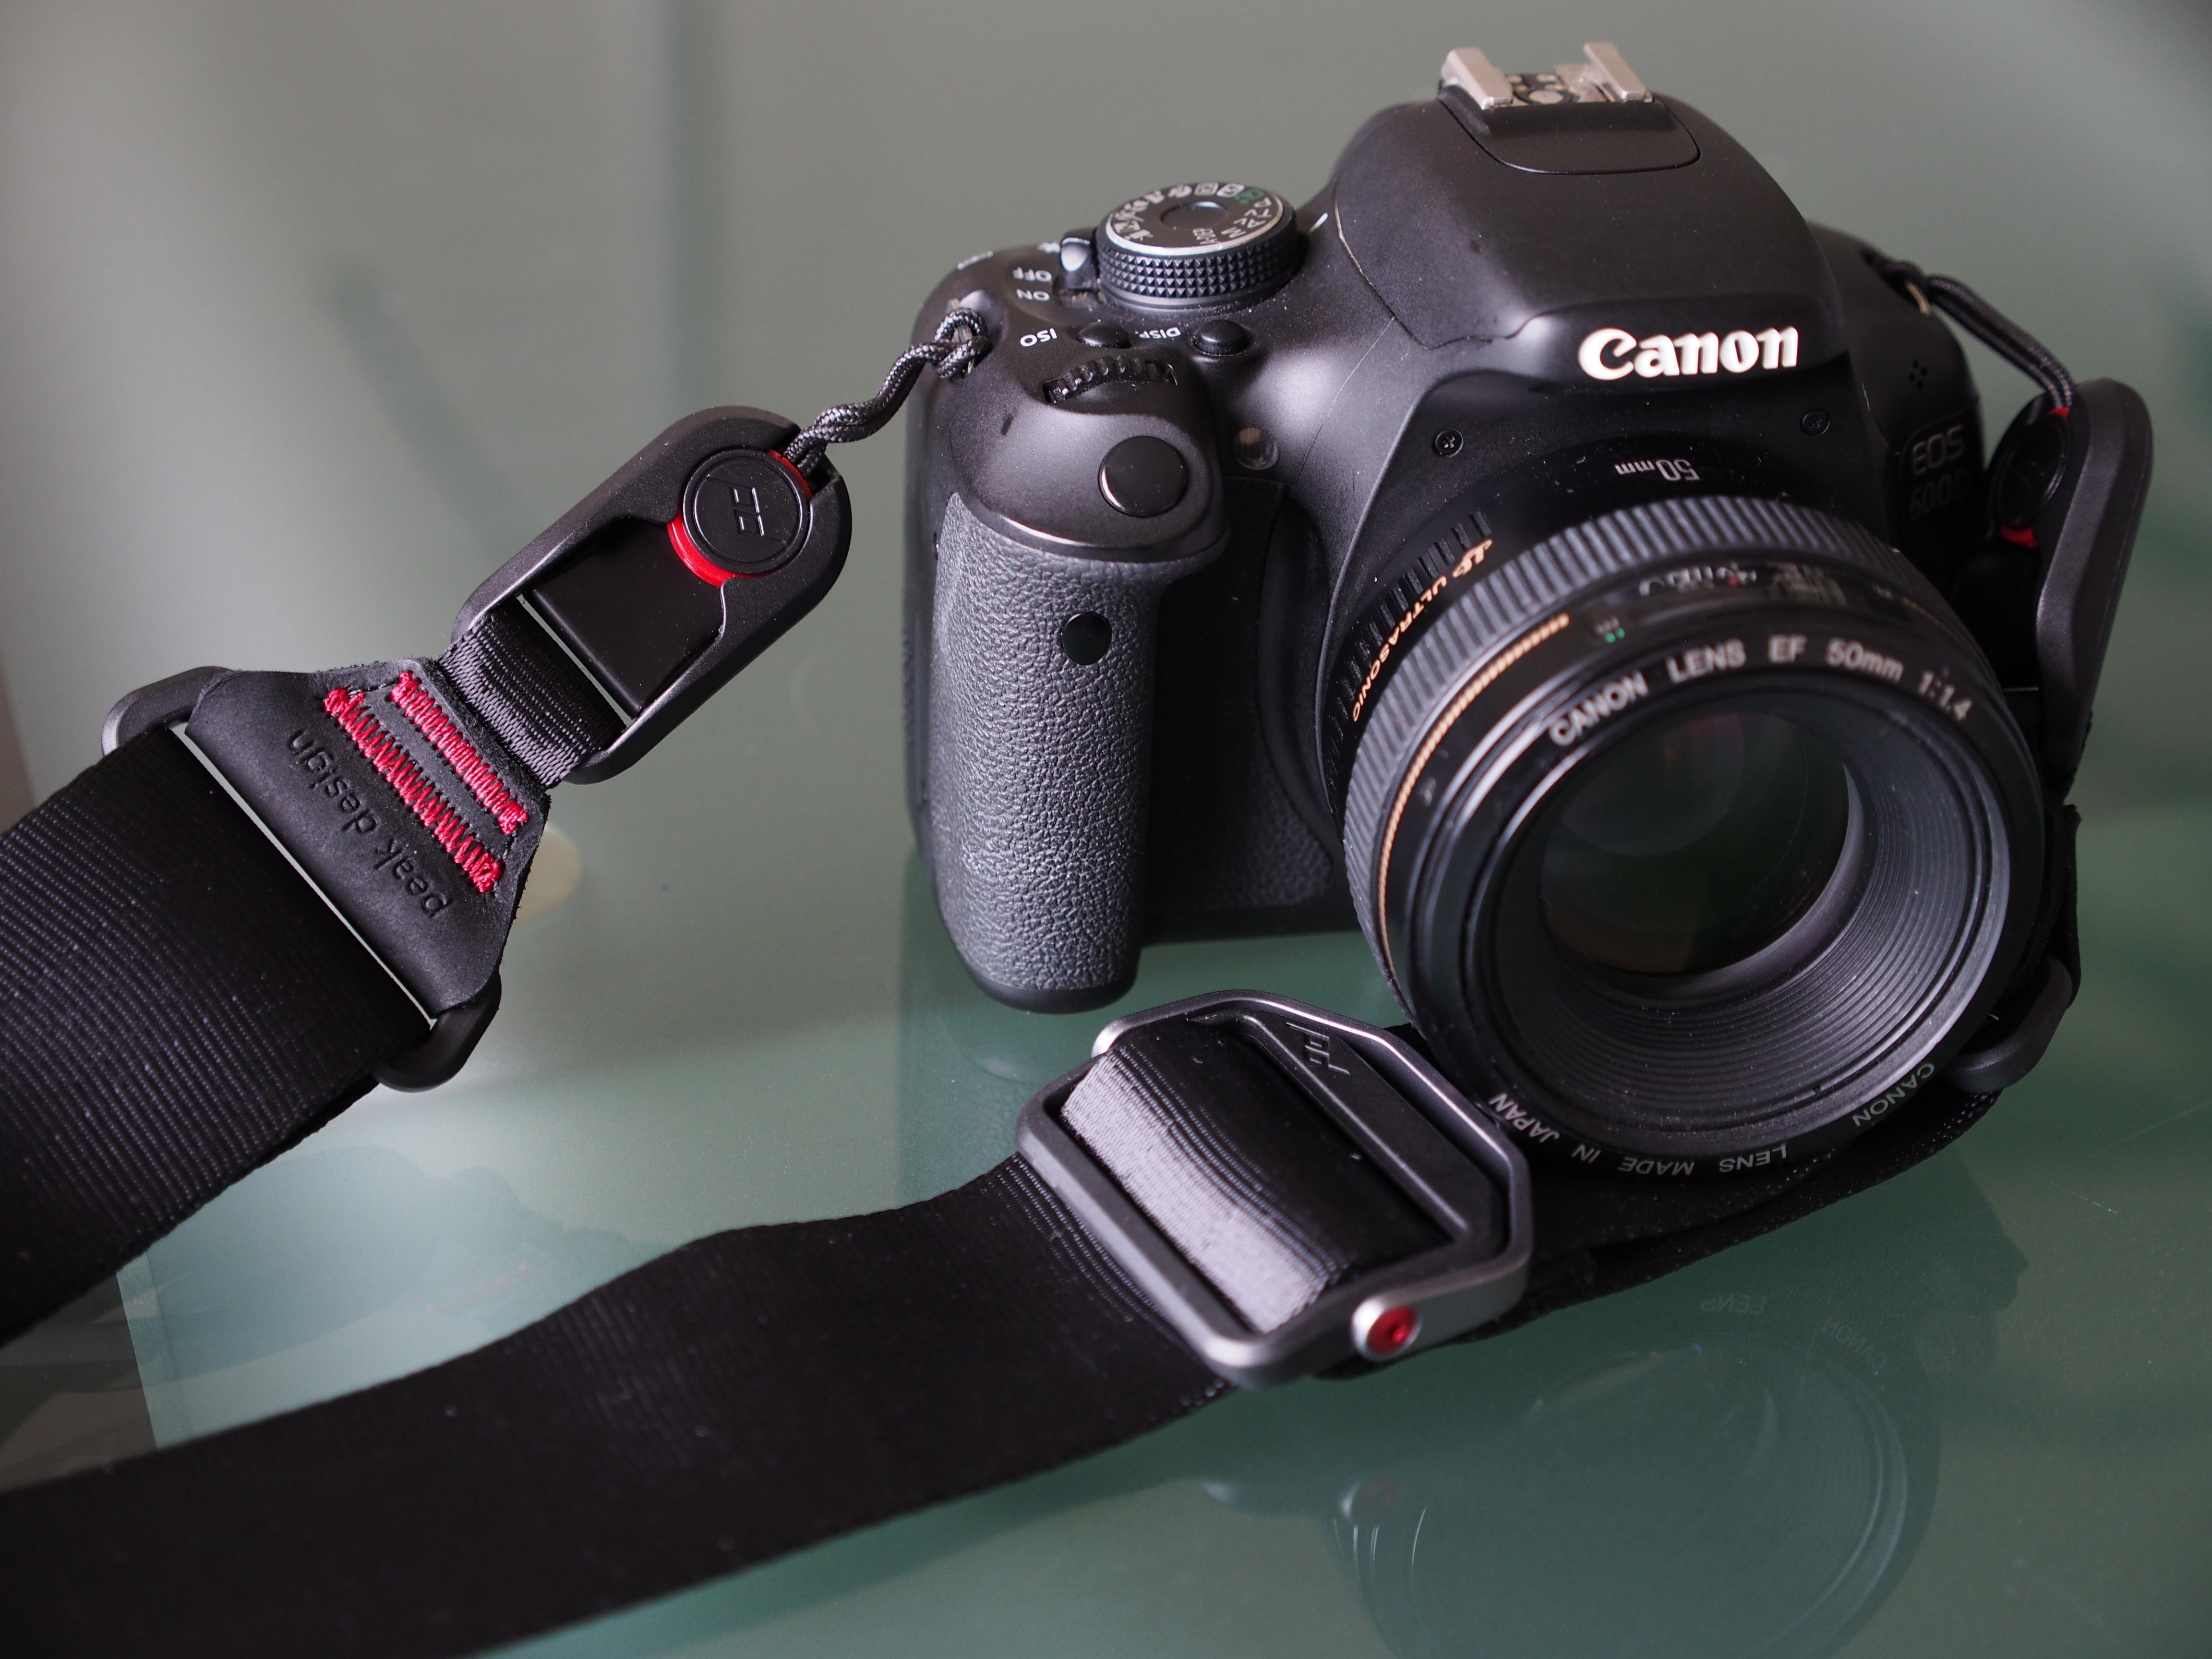 Peak Design Slide Professional Camera Sling Strap Daftar Update Sl As 3 Ash Straps Slidelite Source P6230223